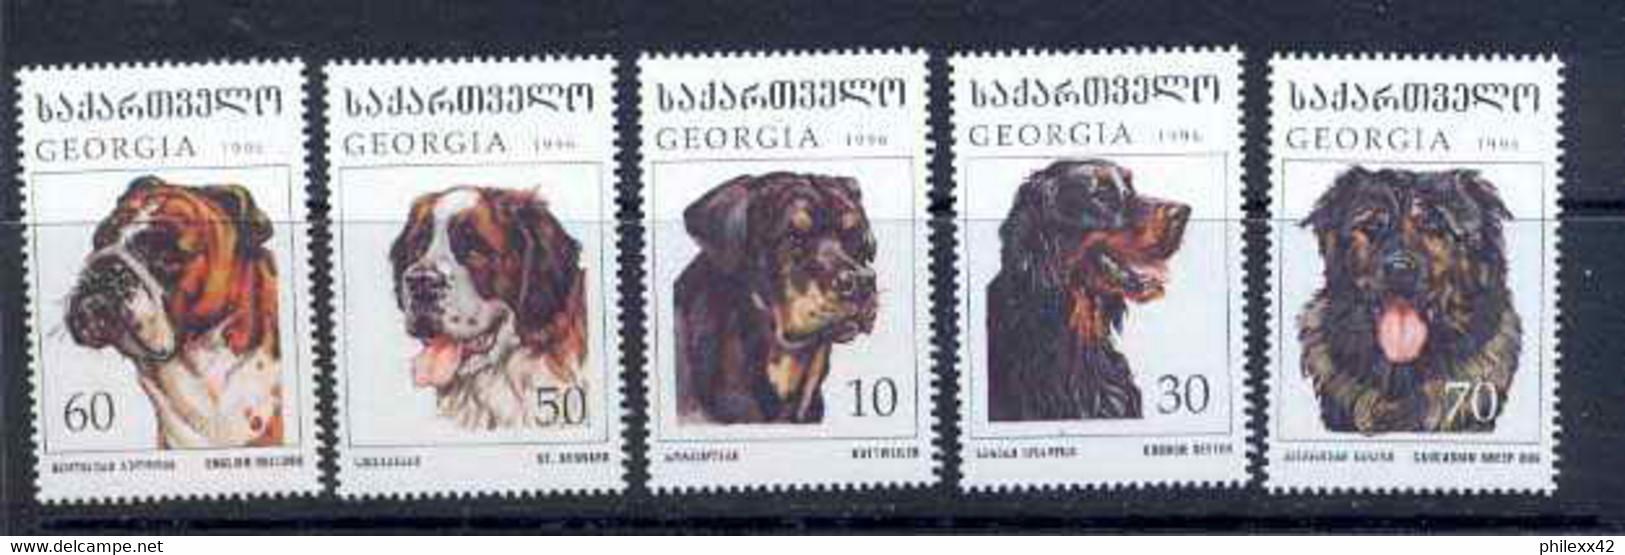 125 Géorgie (Georgia) N° 191 / 195 Chiens (chien Dog Dogs) COTE 6 EUROS - Georgien